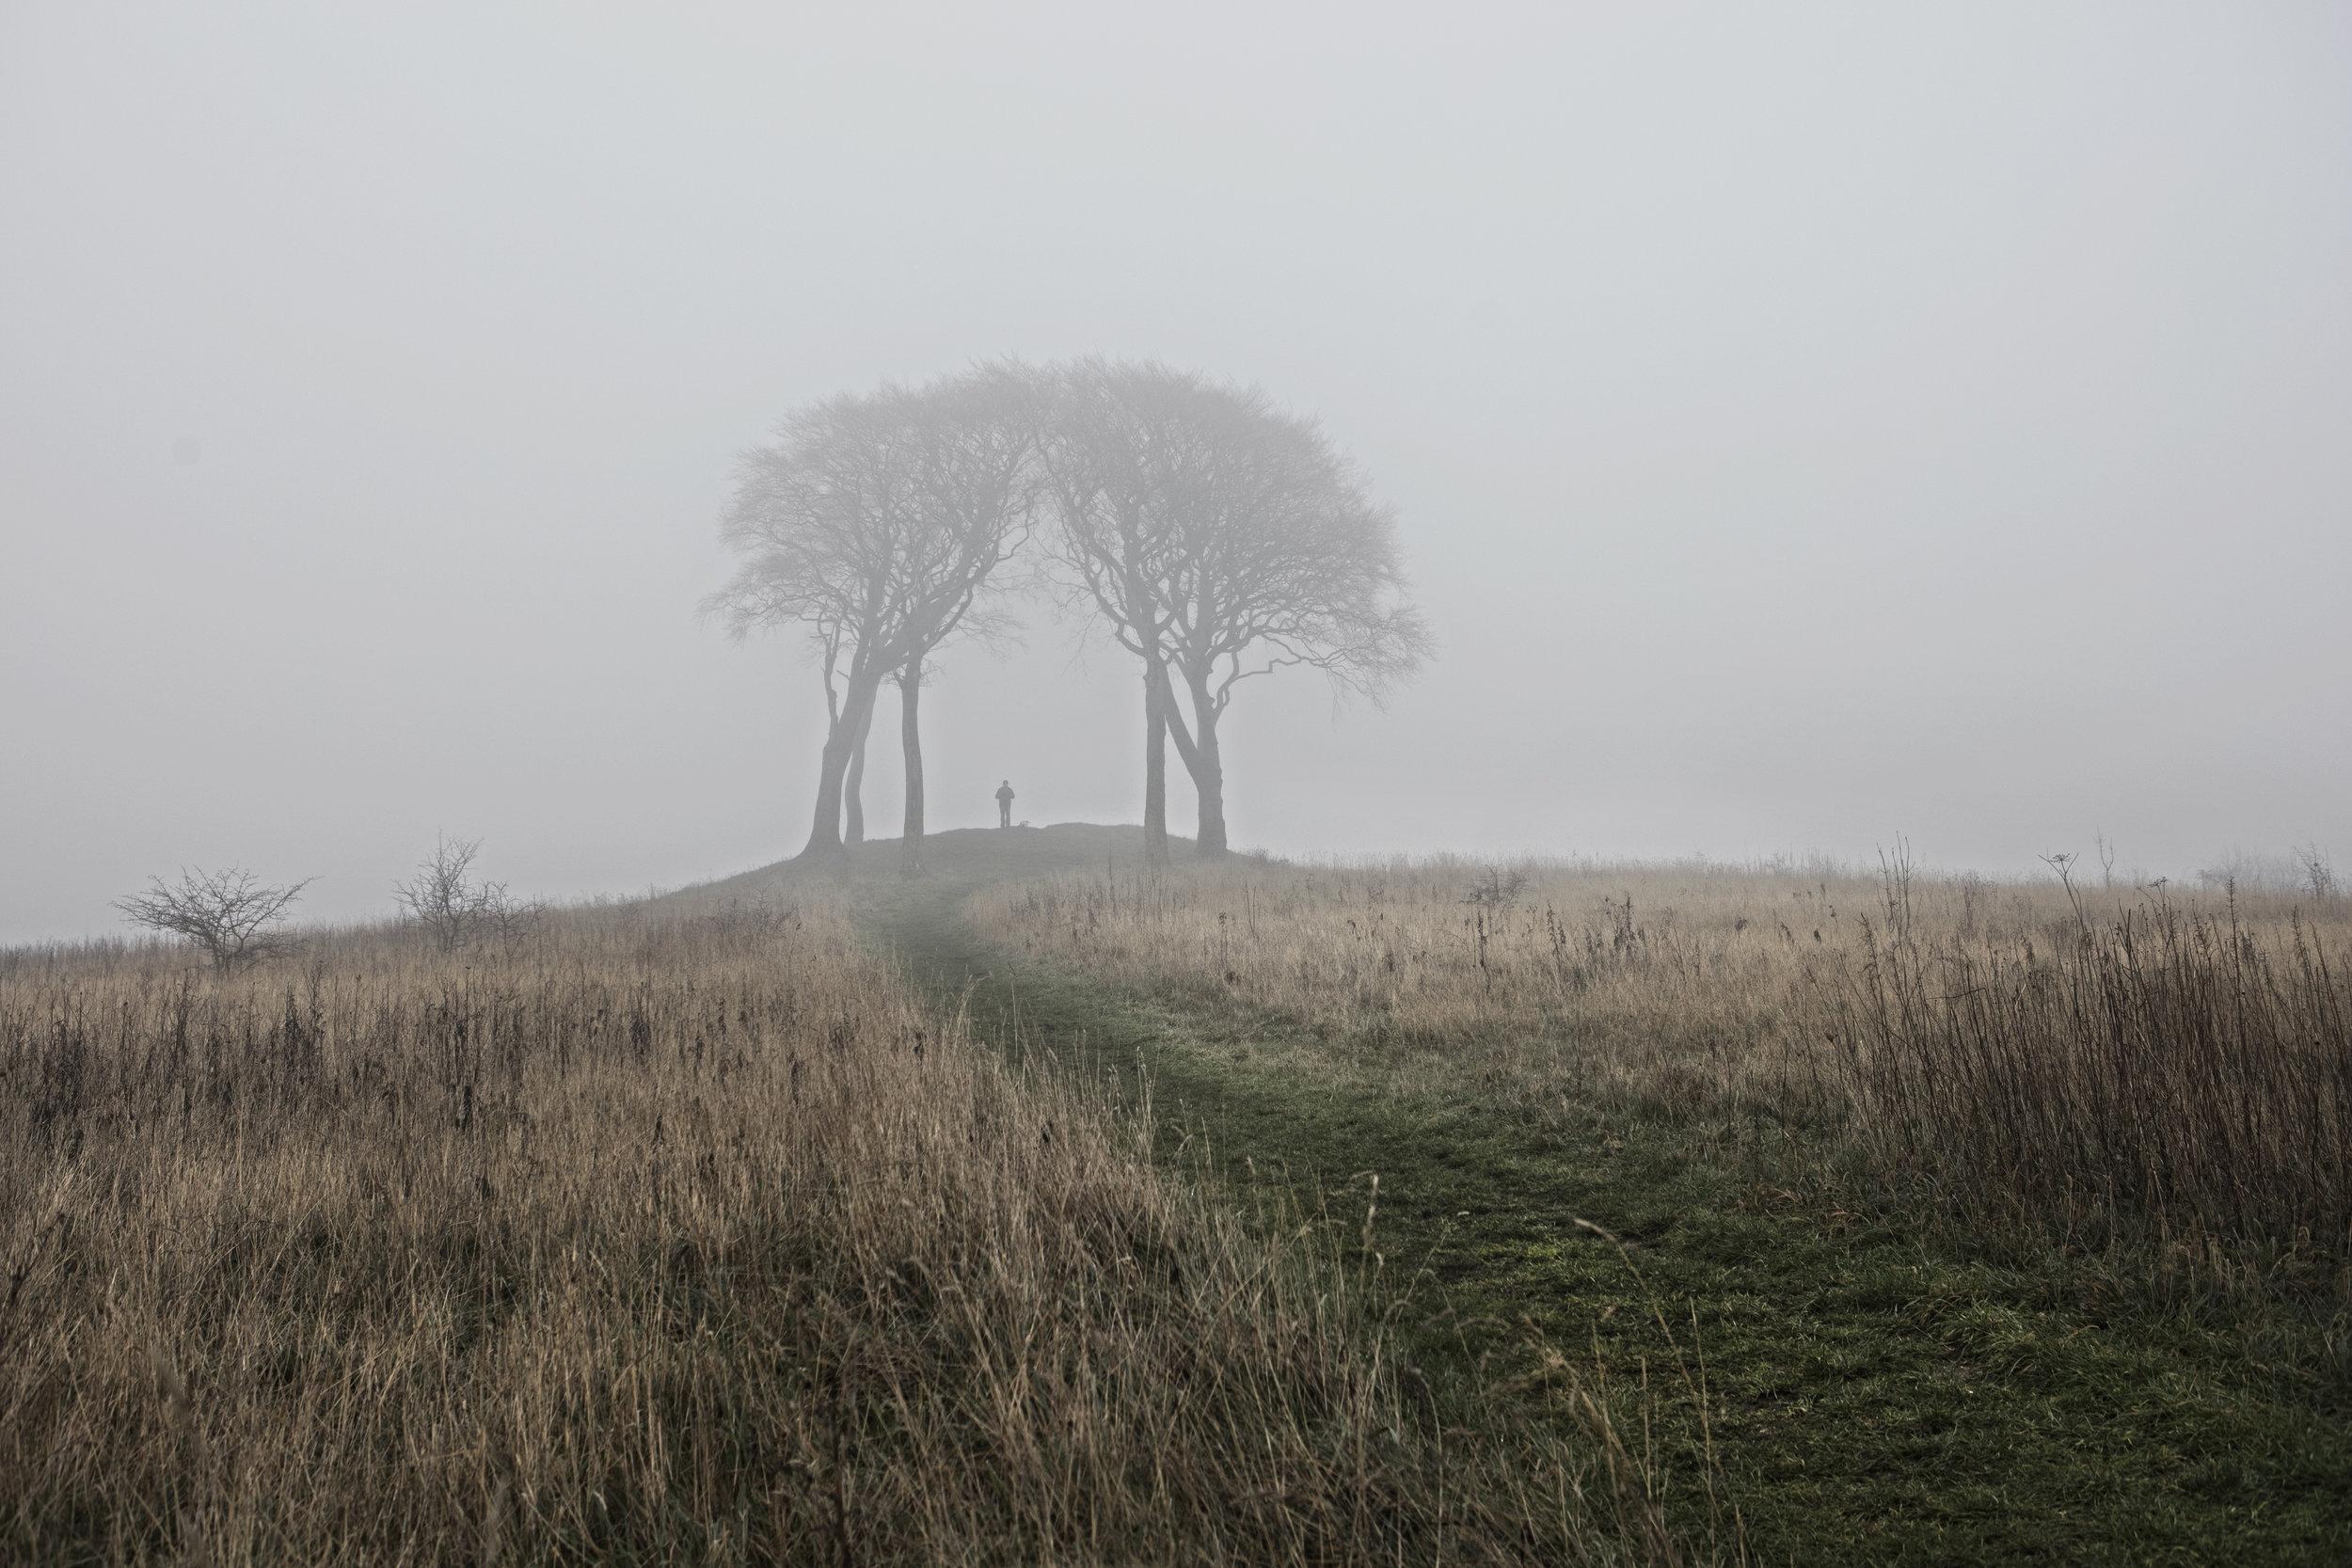 Dan Prince - trees in misty landscape